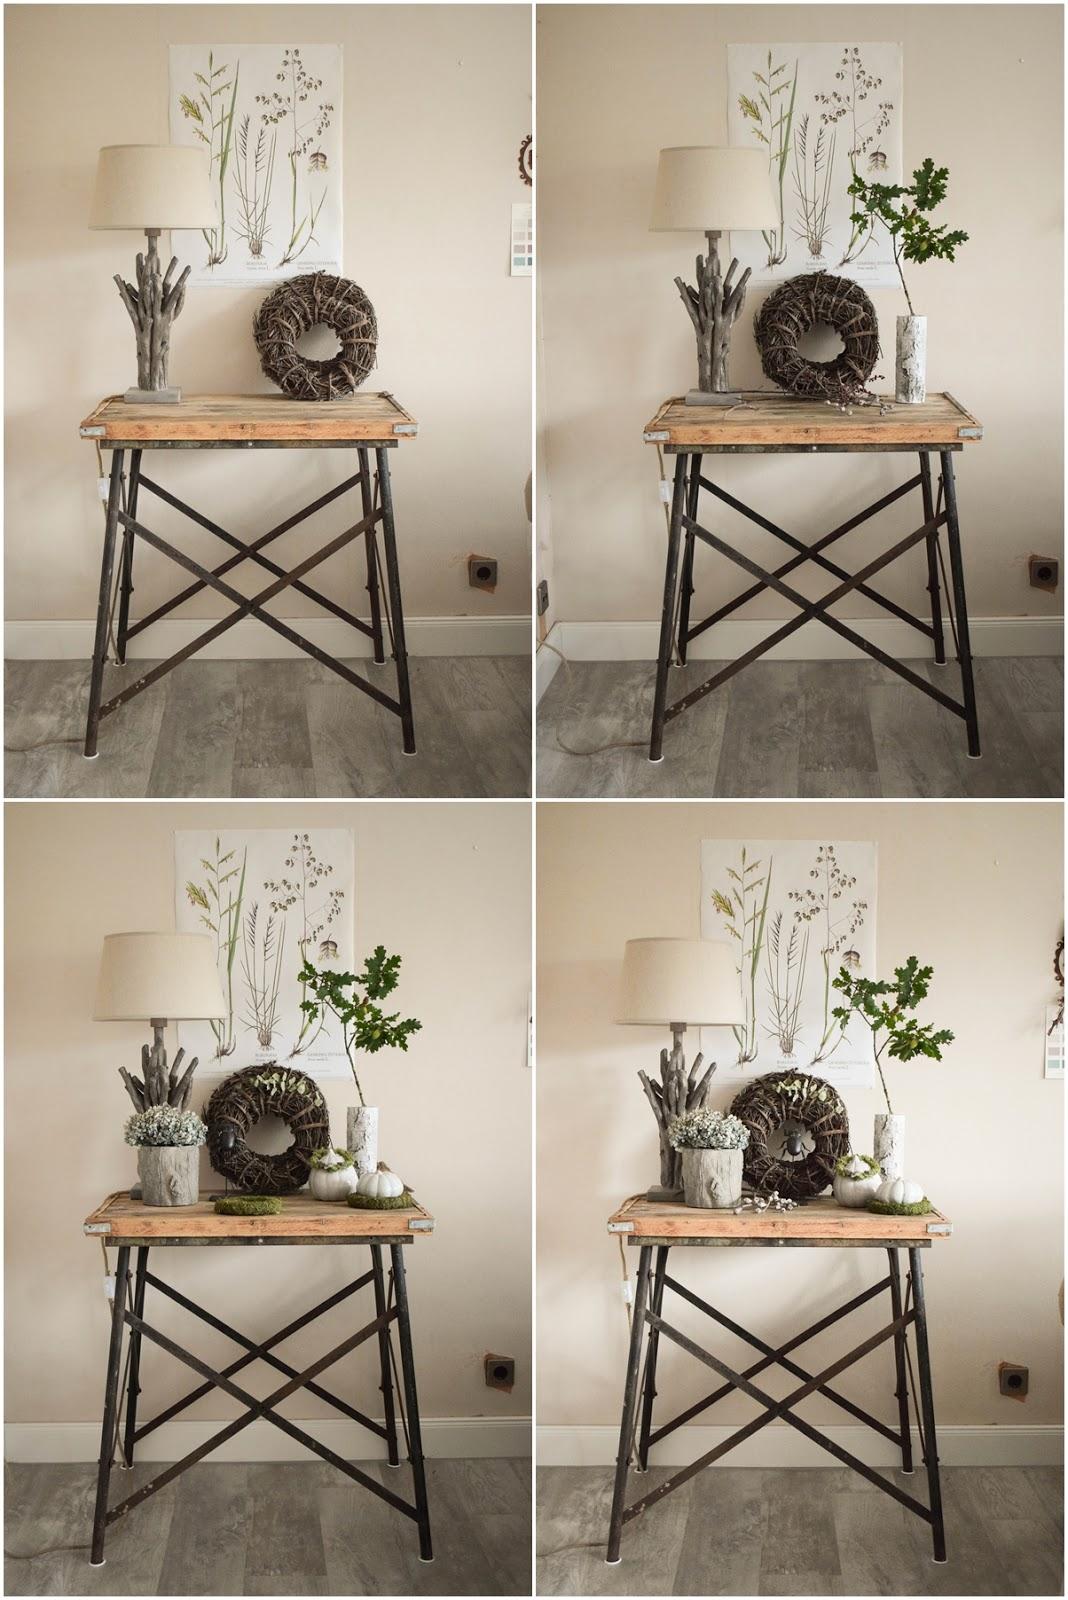 Deko Herbst für Konsole und Sideboard. Herbstdeko Dekoidee Wohnzimmer Dekoration eiche eicheln botanisch natuerlich dekorieren 2